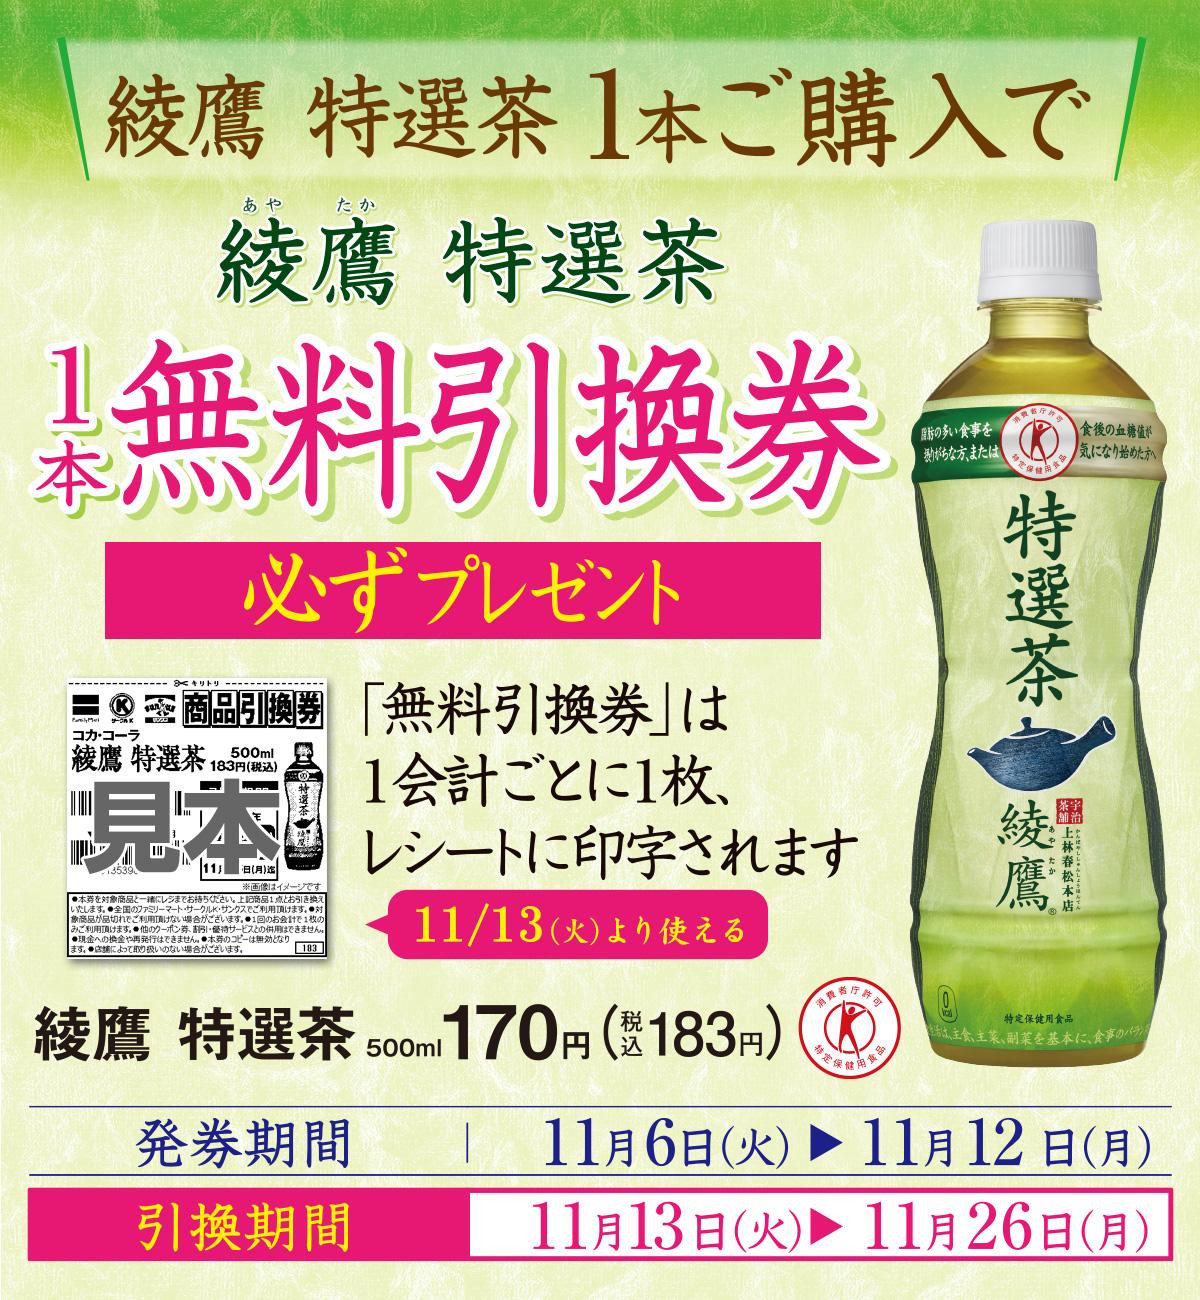 ファミリーマートで綾鷹 特選茶を買うともう1本もらえる。実質半額。~11/12。